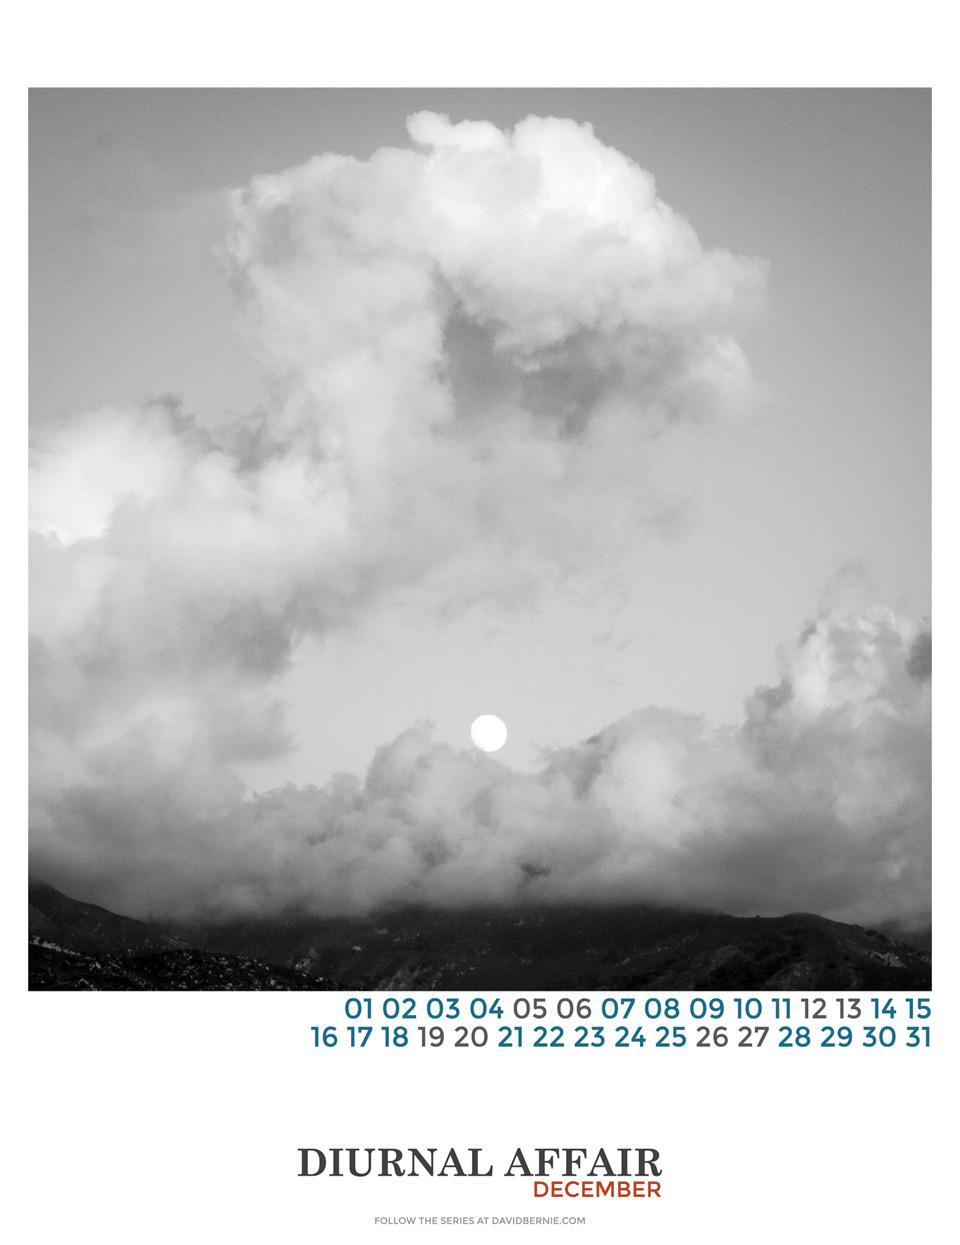 December-Calendar-David-Bernie-2015